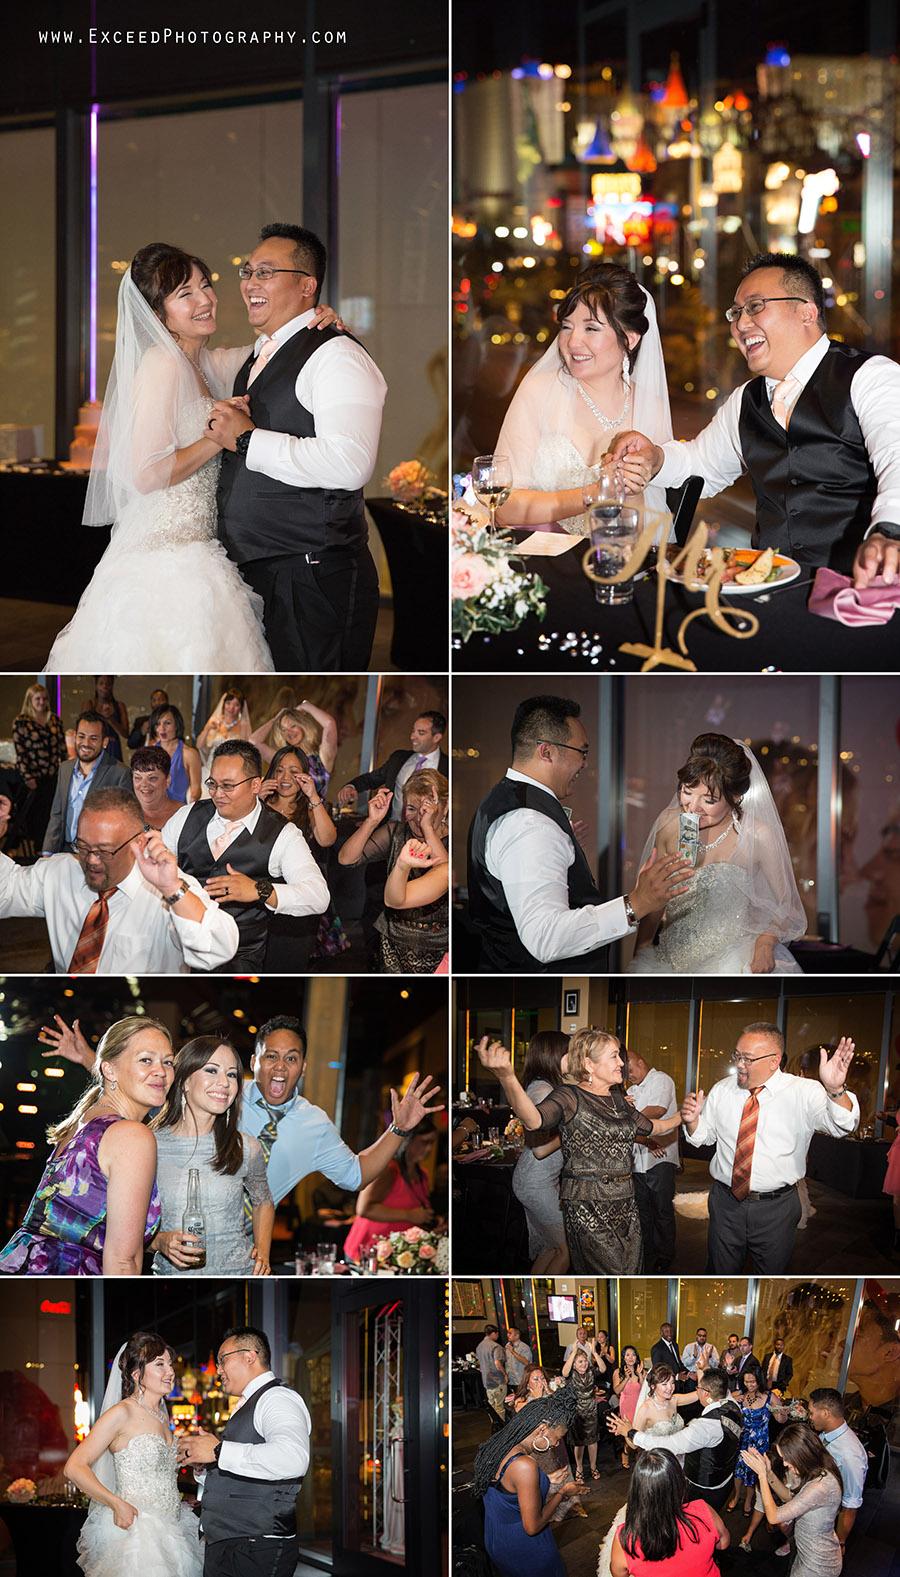 Garth vegas wedding